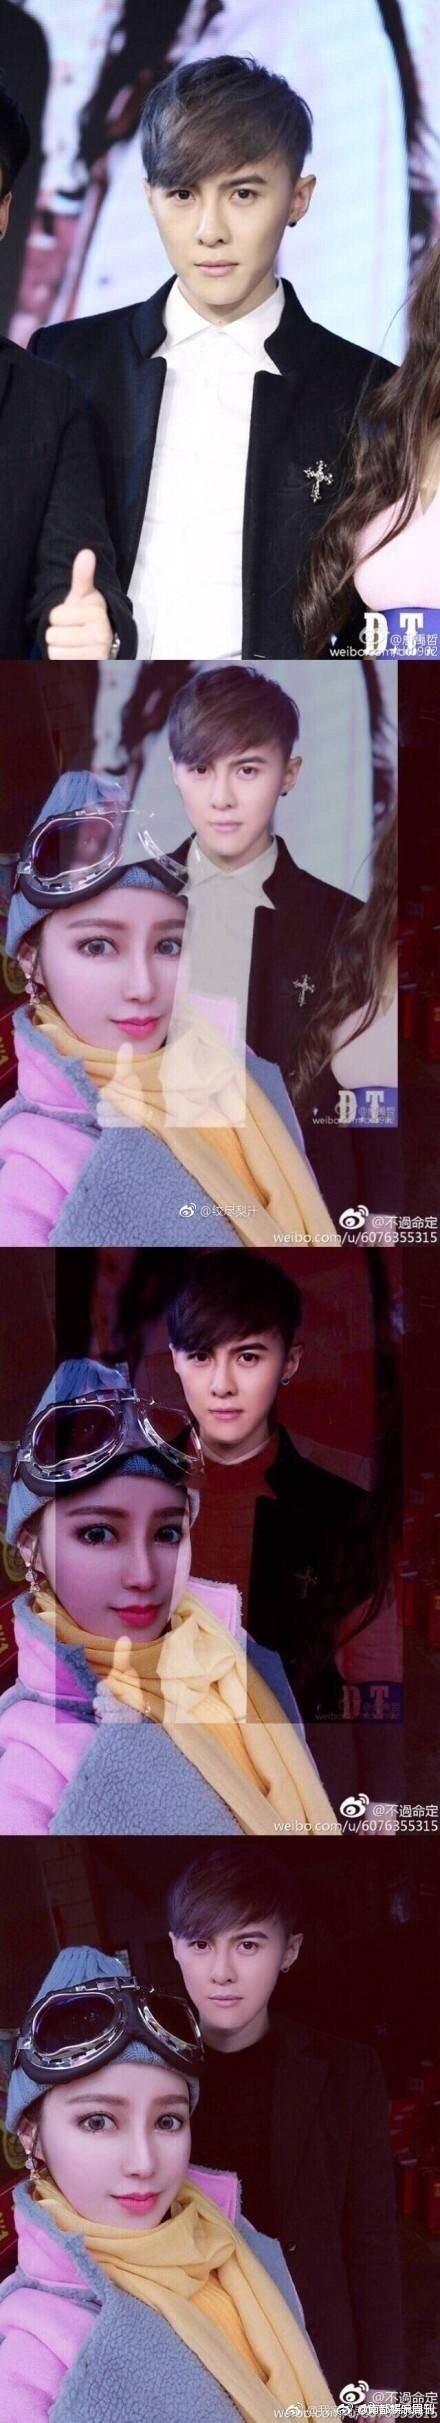 Quen sống ảo, hotgirl mạng xã hội tự photoshop ảnh thân tình với sao nam để tạo scandal - Ảnh 8.